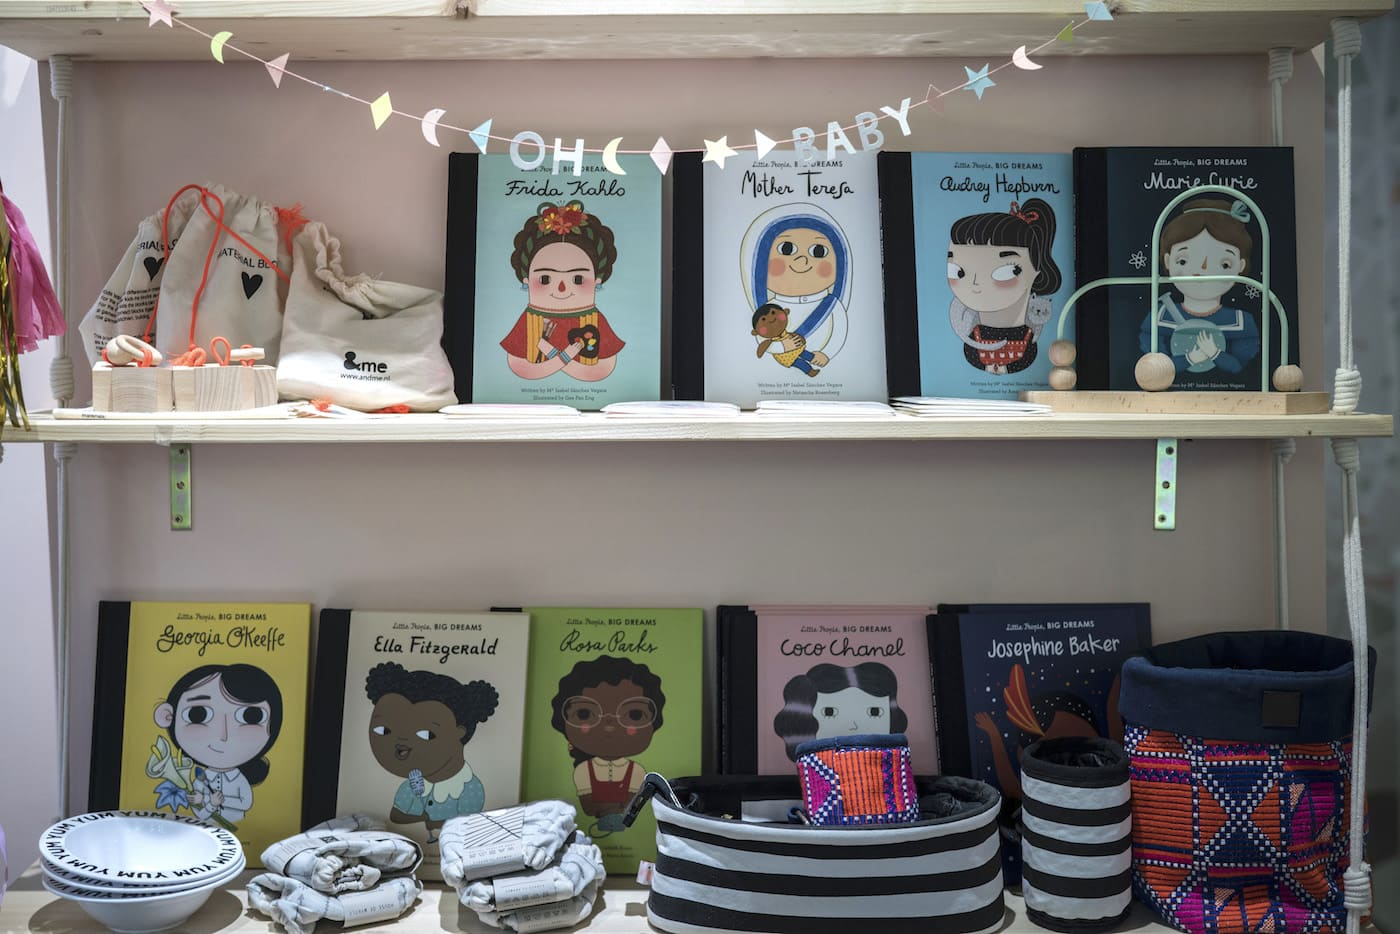 Eltern-Kind-Café Wunderhaus in Berlin-Prenzlauer Berg: Schöner Ort zum Aufhalten mit kleinen Kindern // HIMBEER